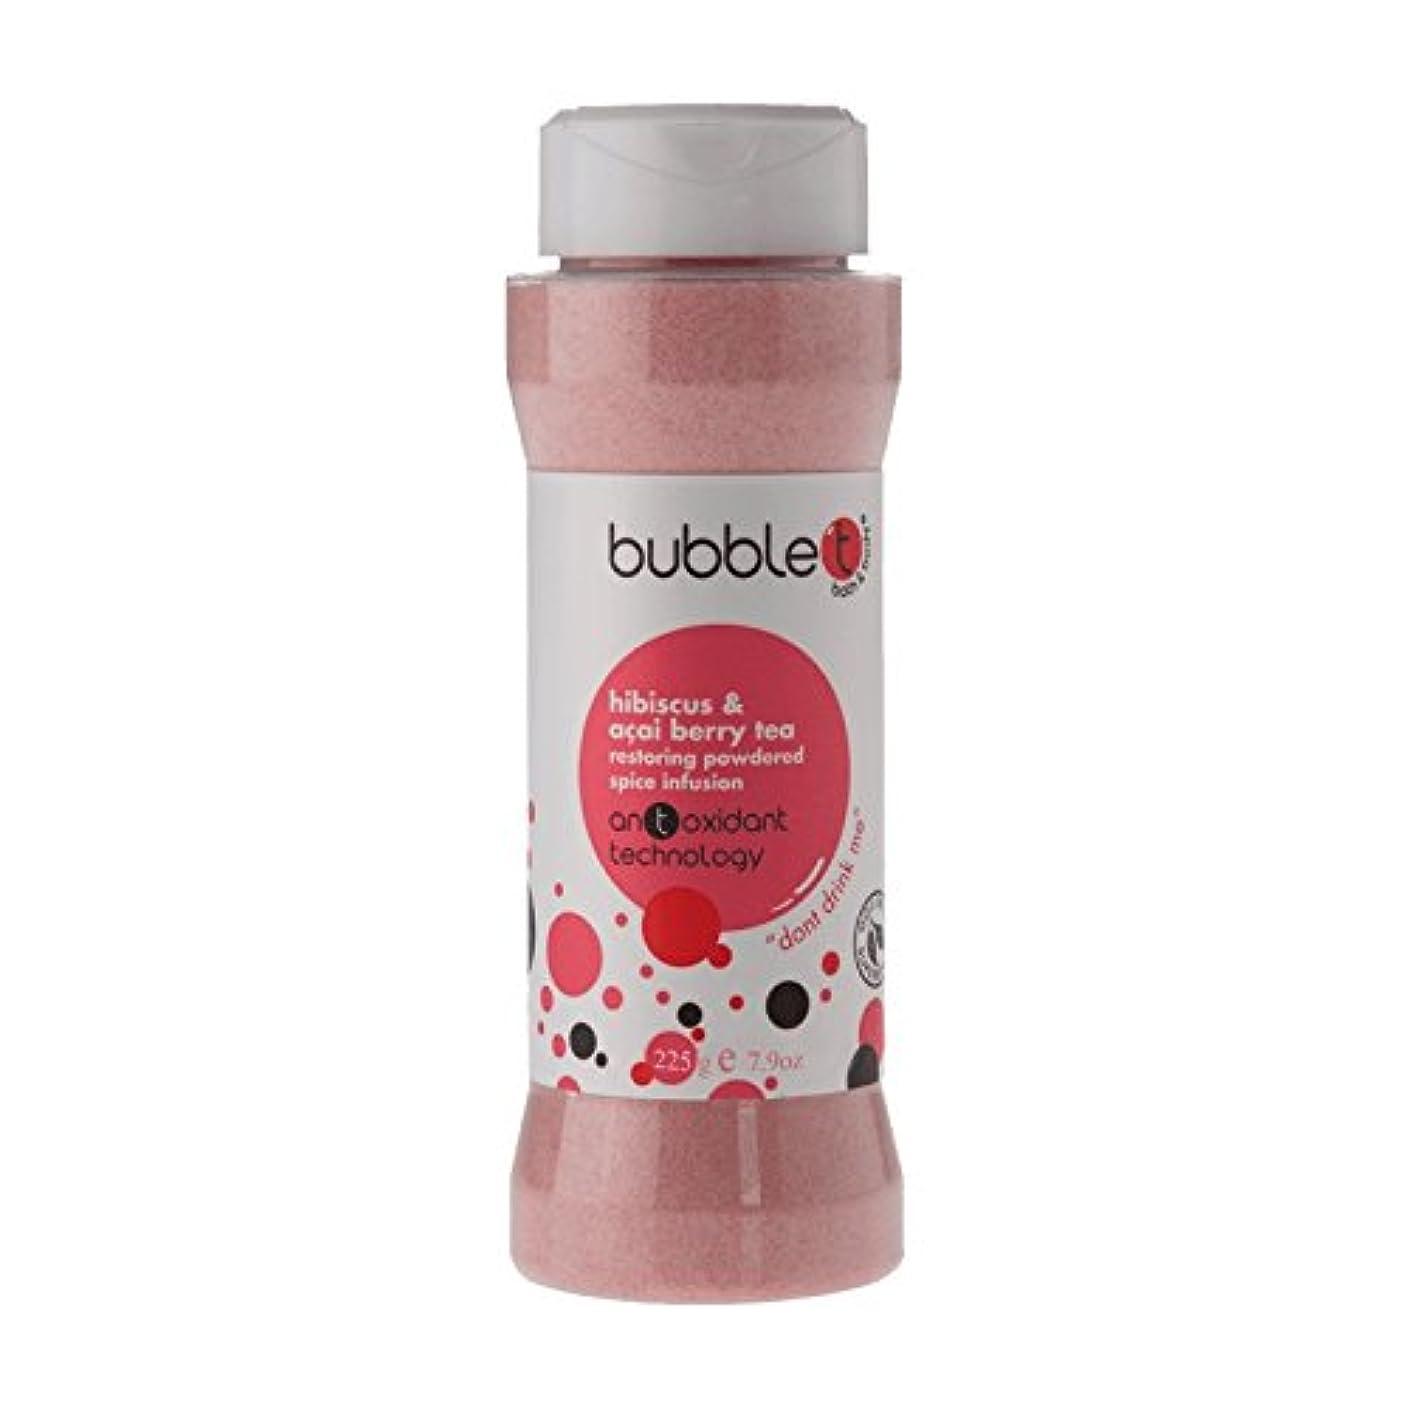 安いです無駄な撤回するBubble T Bath Spice Infusion Hibiscus & Acai Berry Tea 225g (Pack of 2) - バブルトン風呂スパイス注入ハイビスカス&アサイベリー茶225グラム (x2...